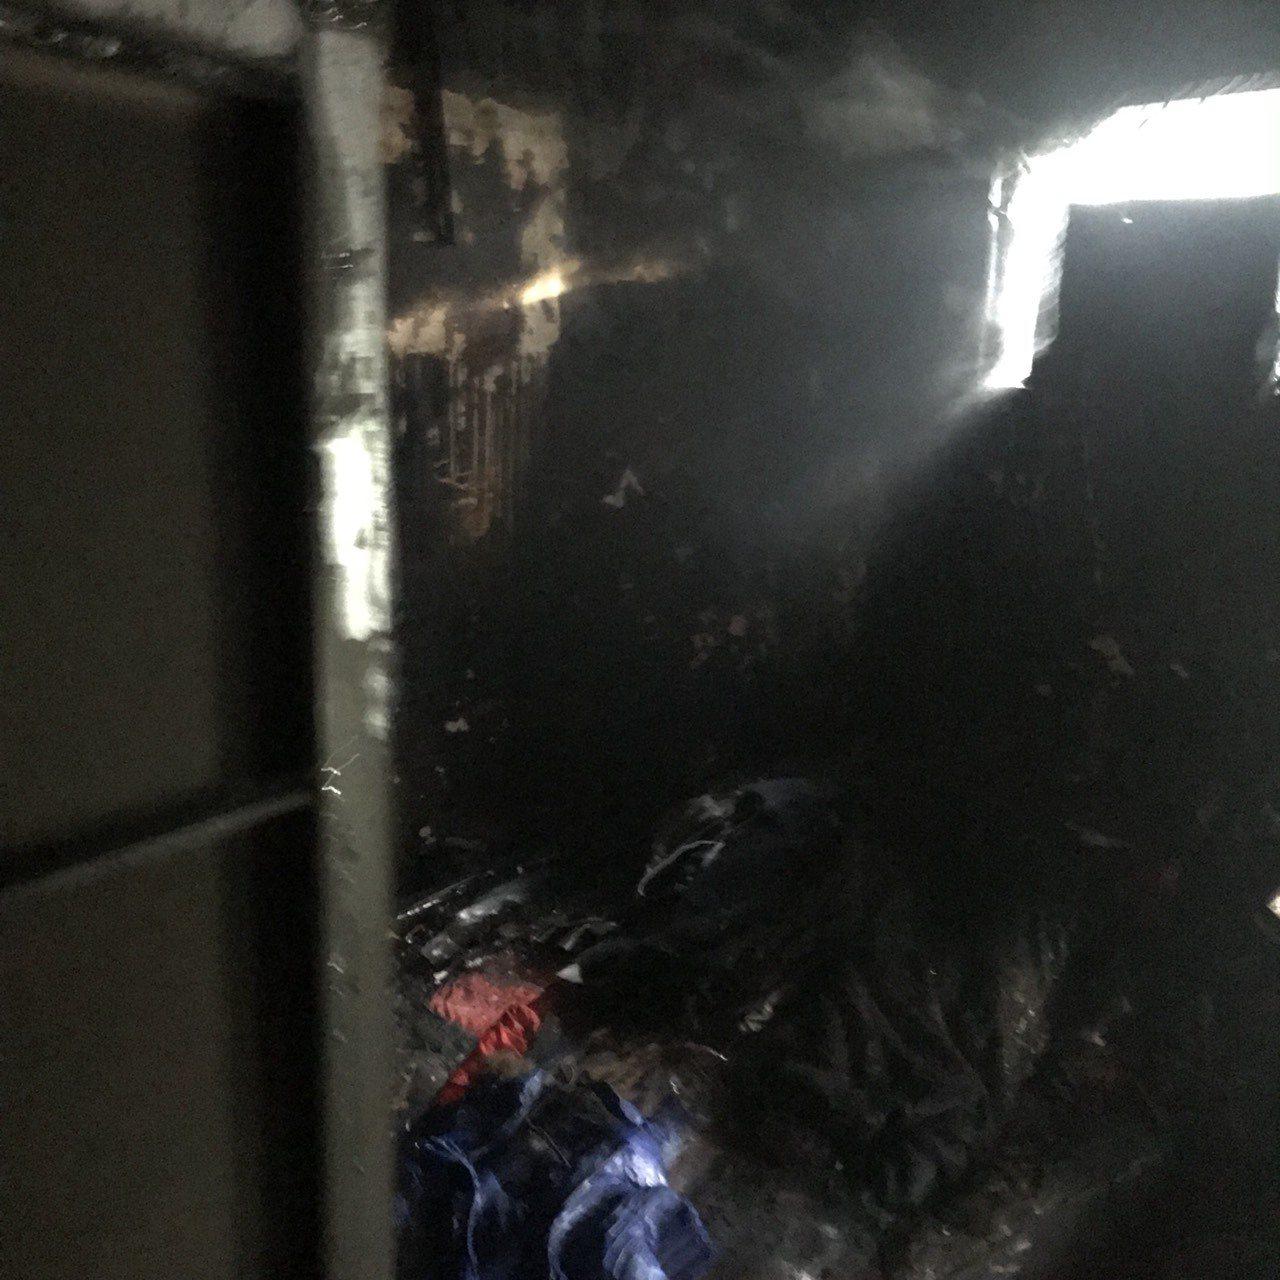 消防隊研判起火處為臥房,燃燒面積約9坪,詳細案發原因仍待釐清。記者陳雕文/翻攝